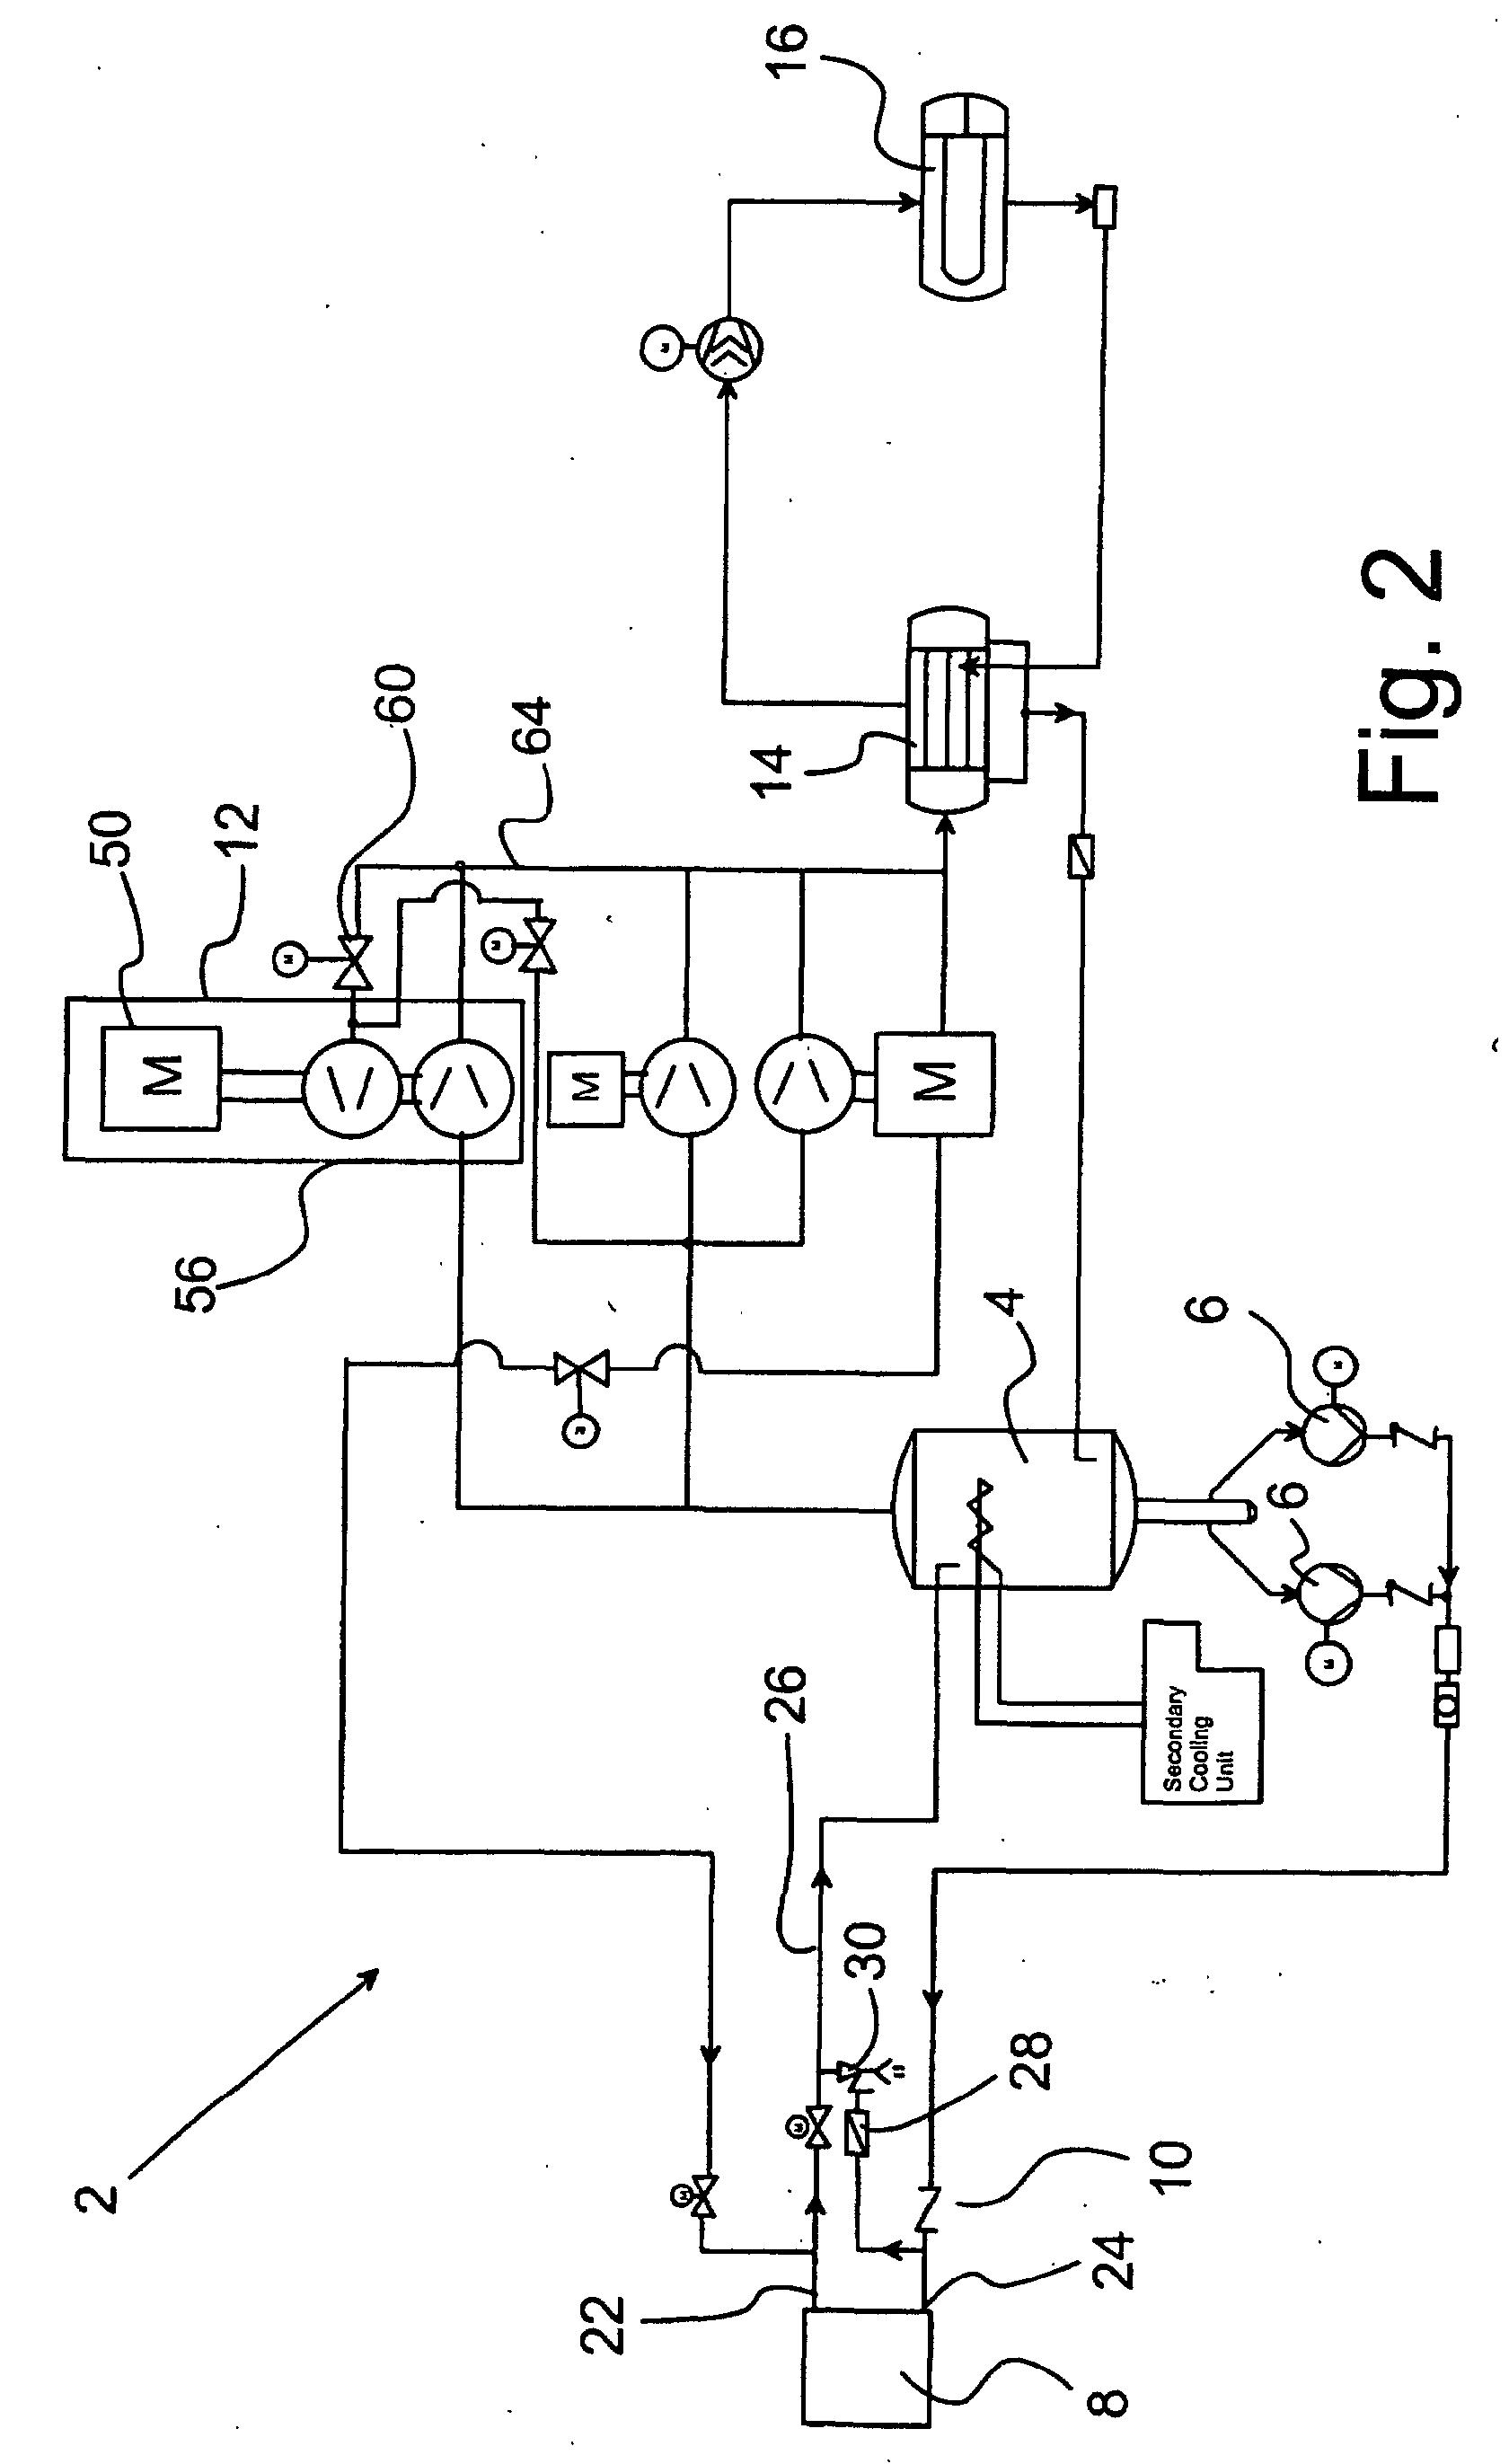 heatcraft evaporator coil wiring diagram russell evaporator wiring diagram cold room wiring diagram  russell evaporator wiring diagram cold